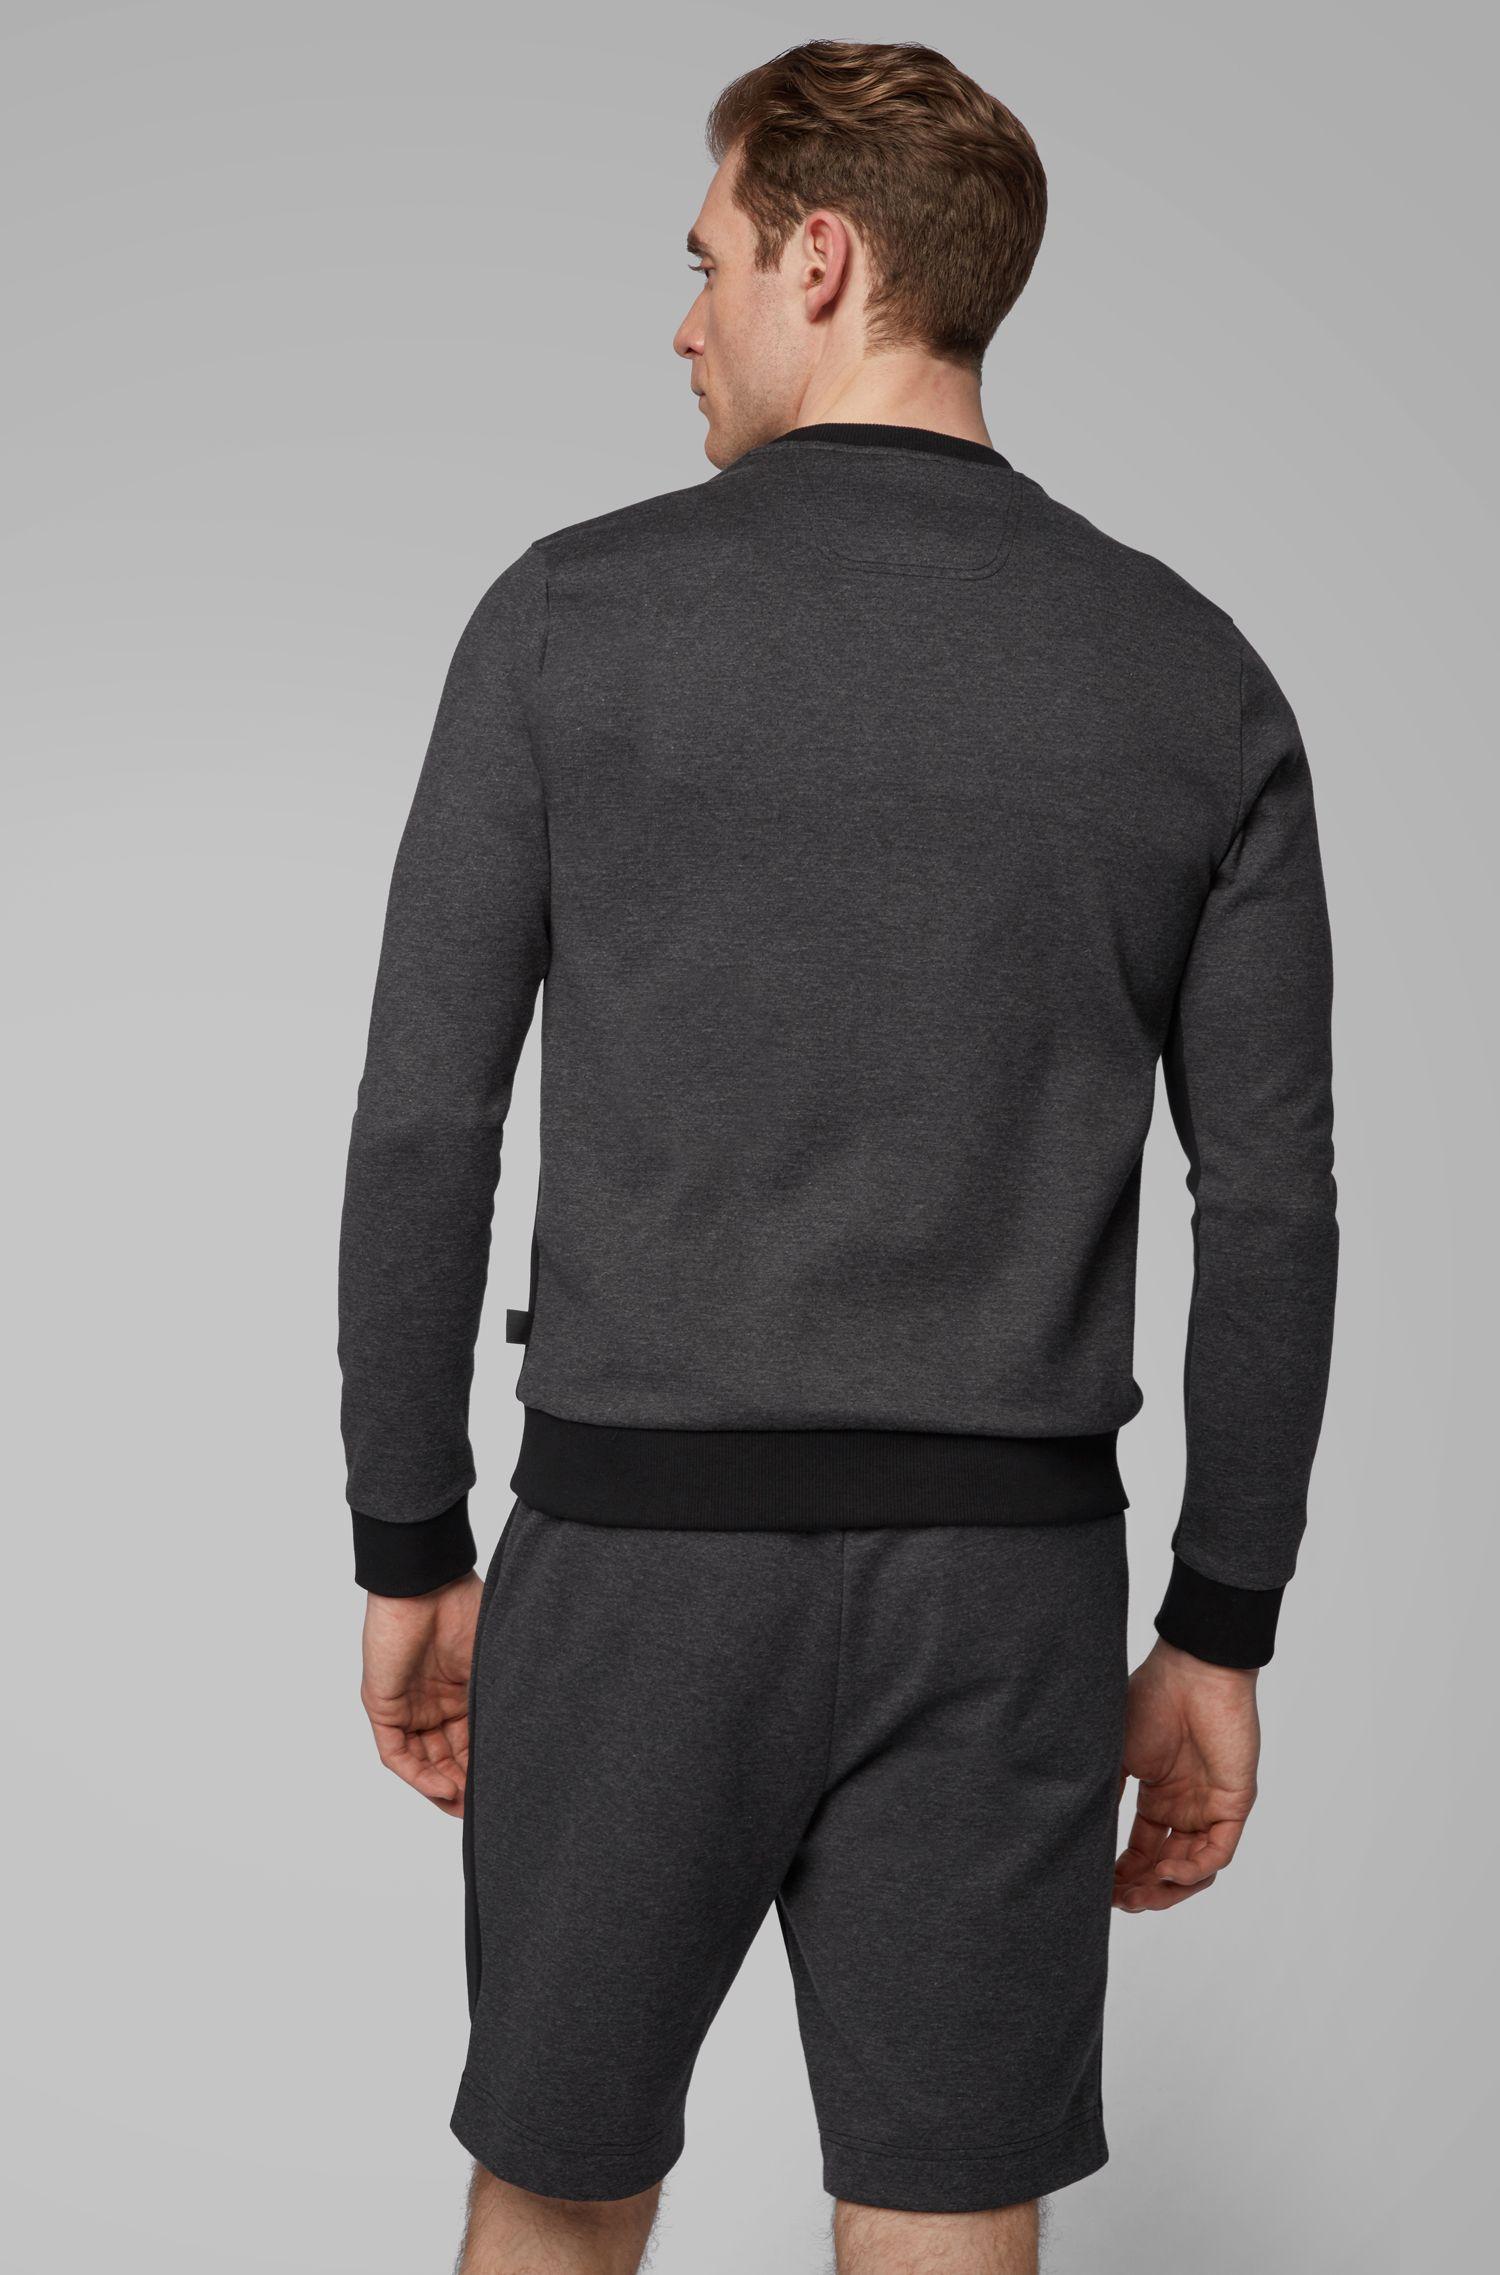 Sweat Slim Fit en tissu mélangé à logo incurvé, Noir